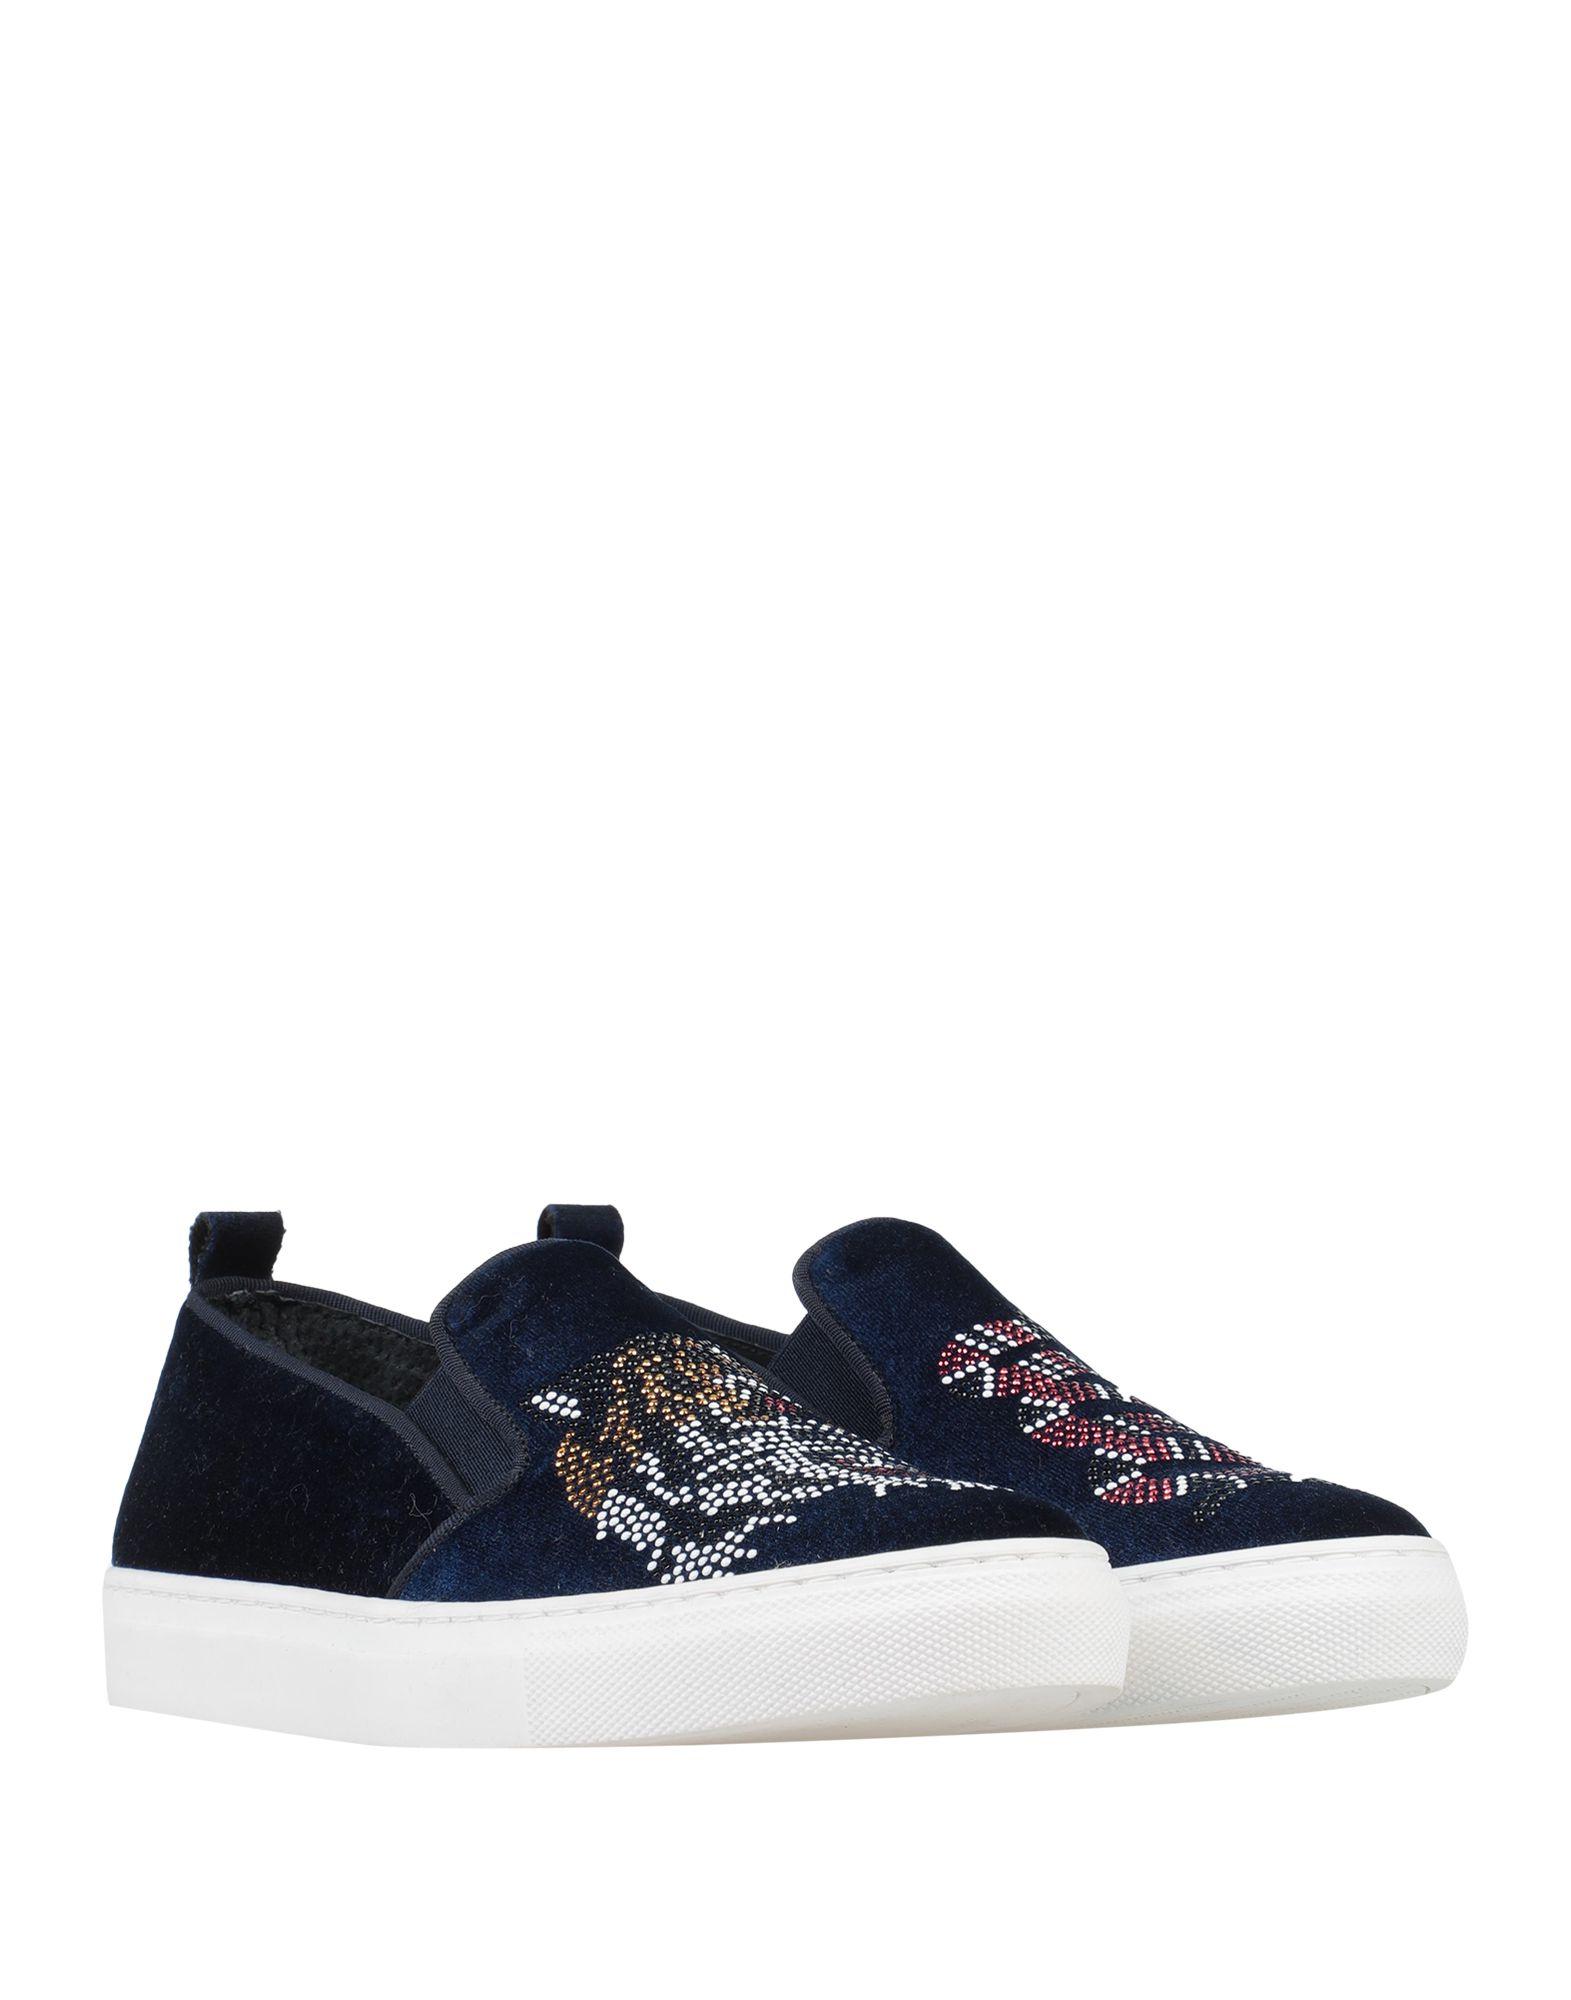 Islo Isabella Lorusso Lorusso Isabella Sneakers Damen  11461821TW Gute Qualität beliebte Schuhe 6d0805